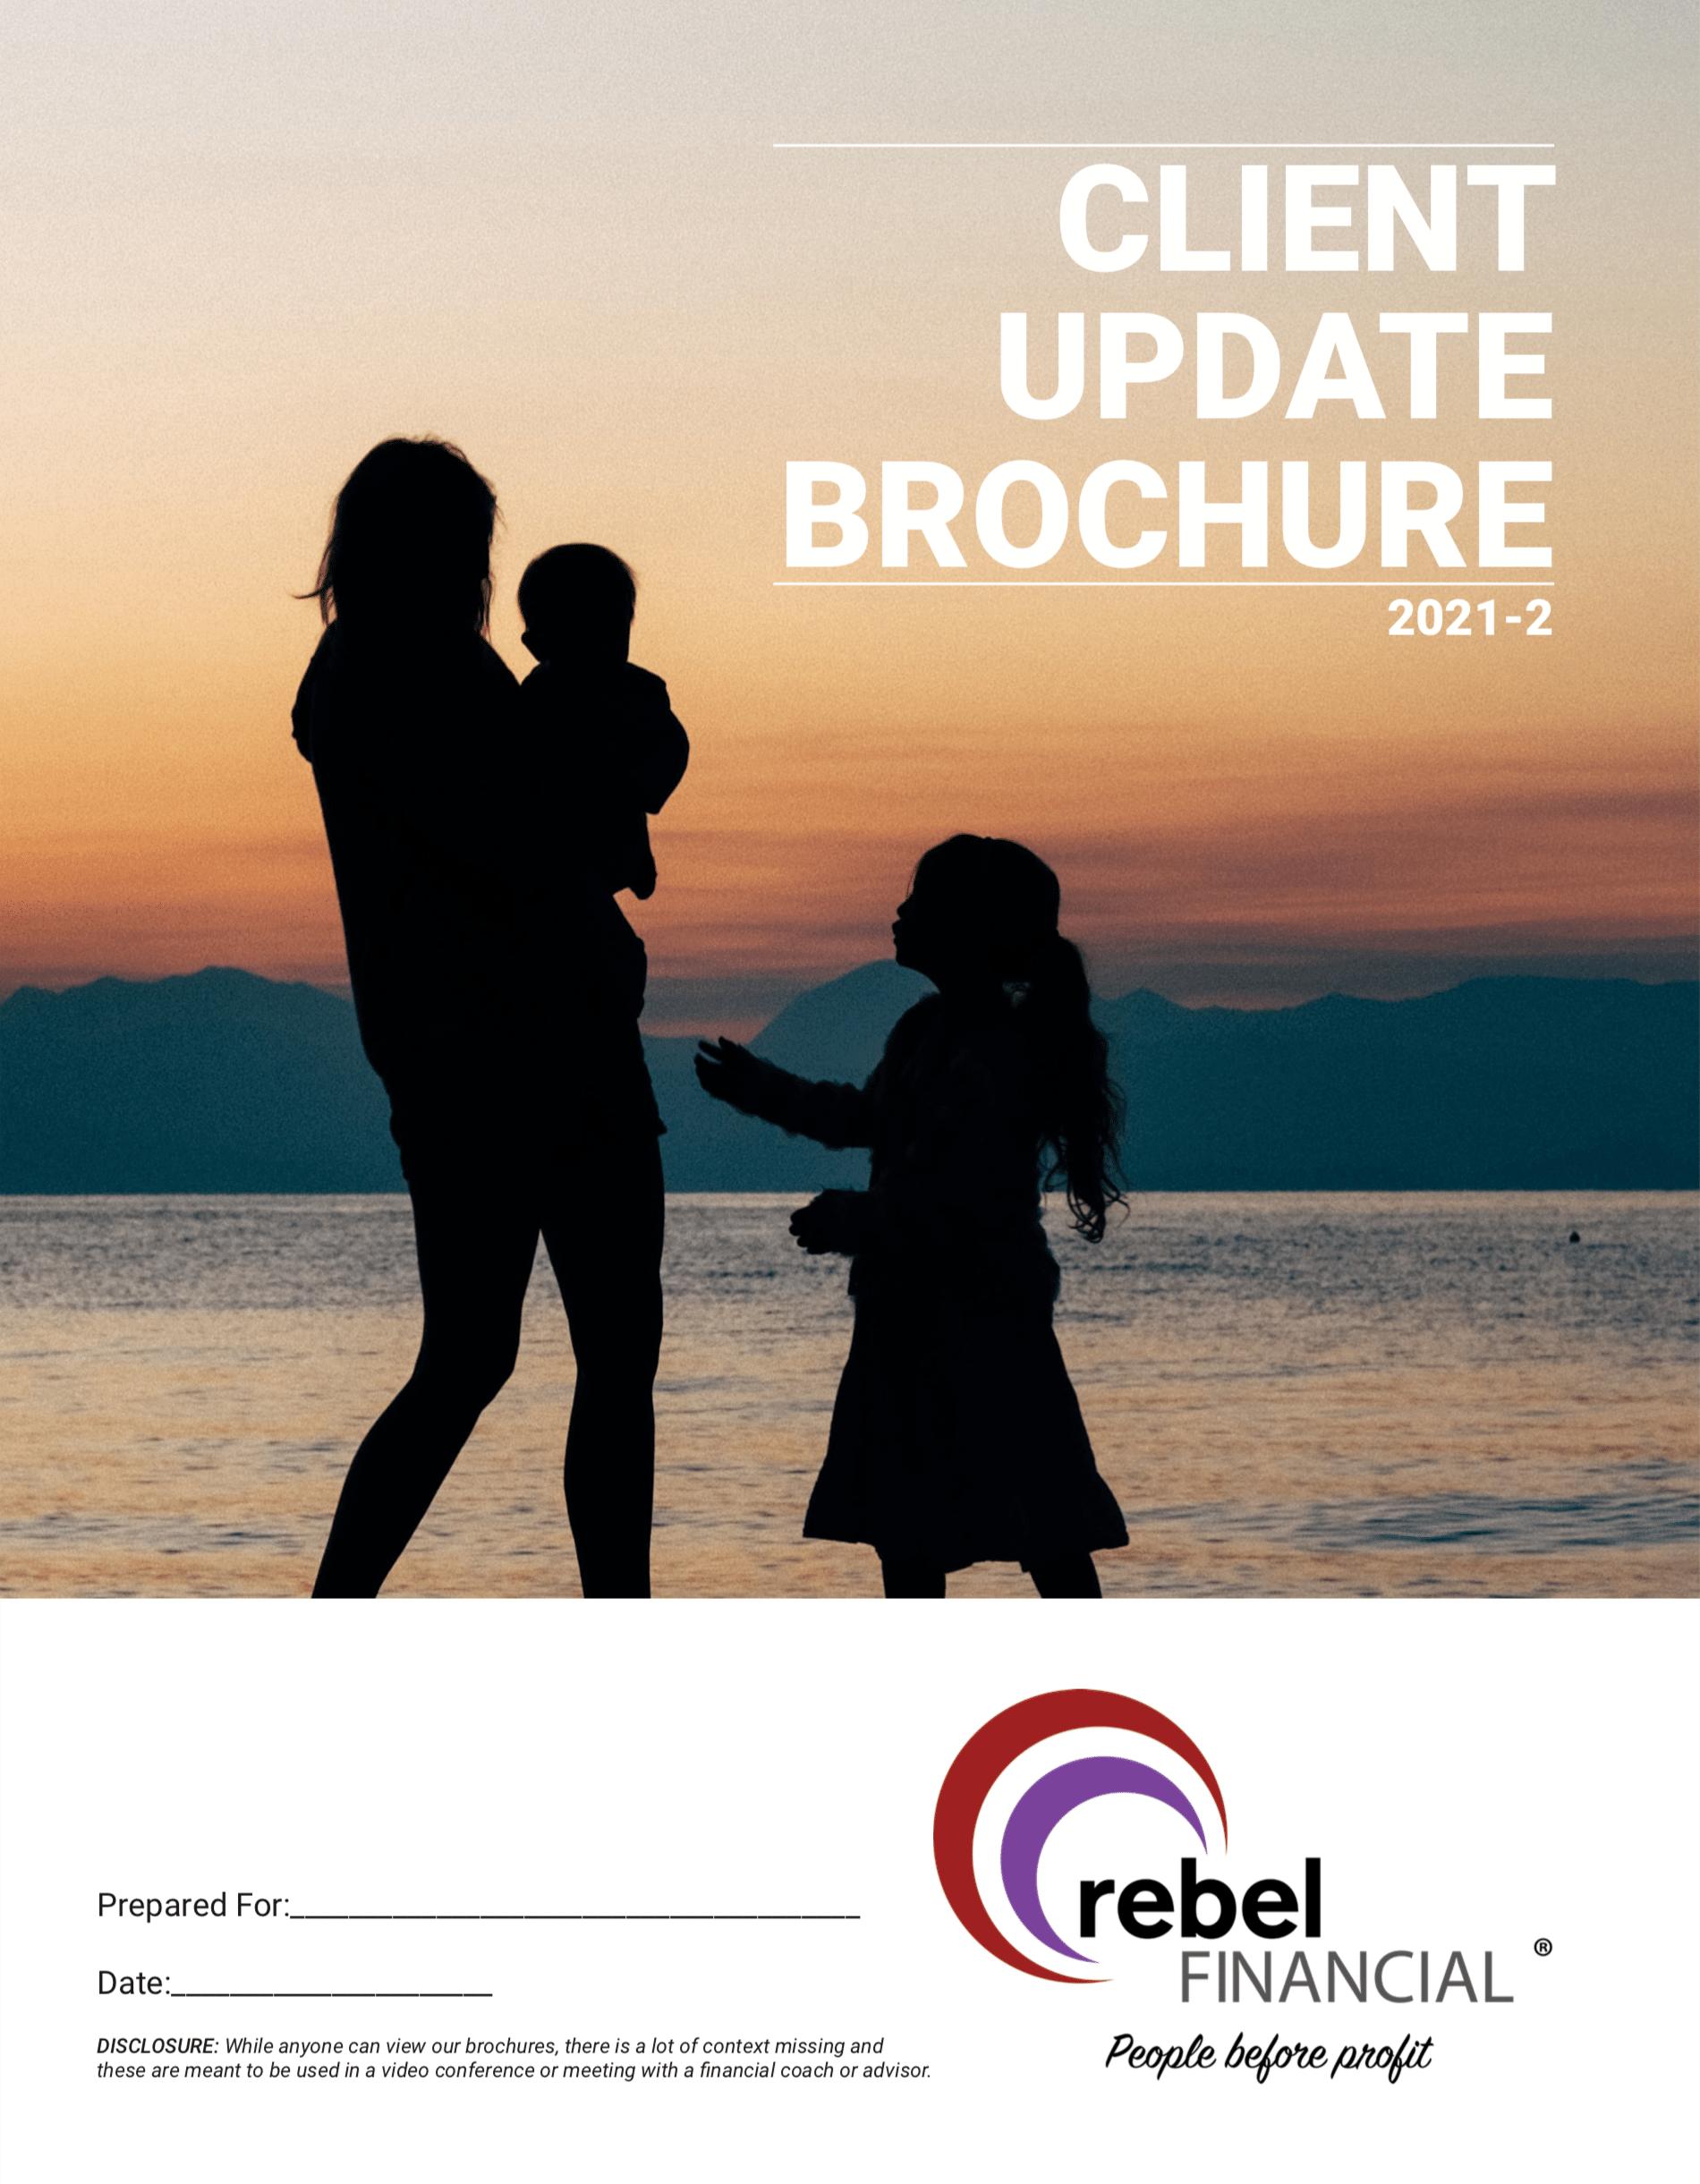 Client Update Brochure